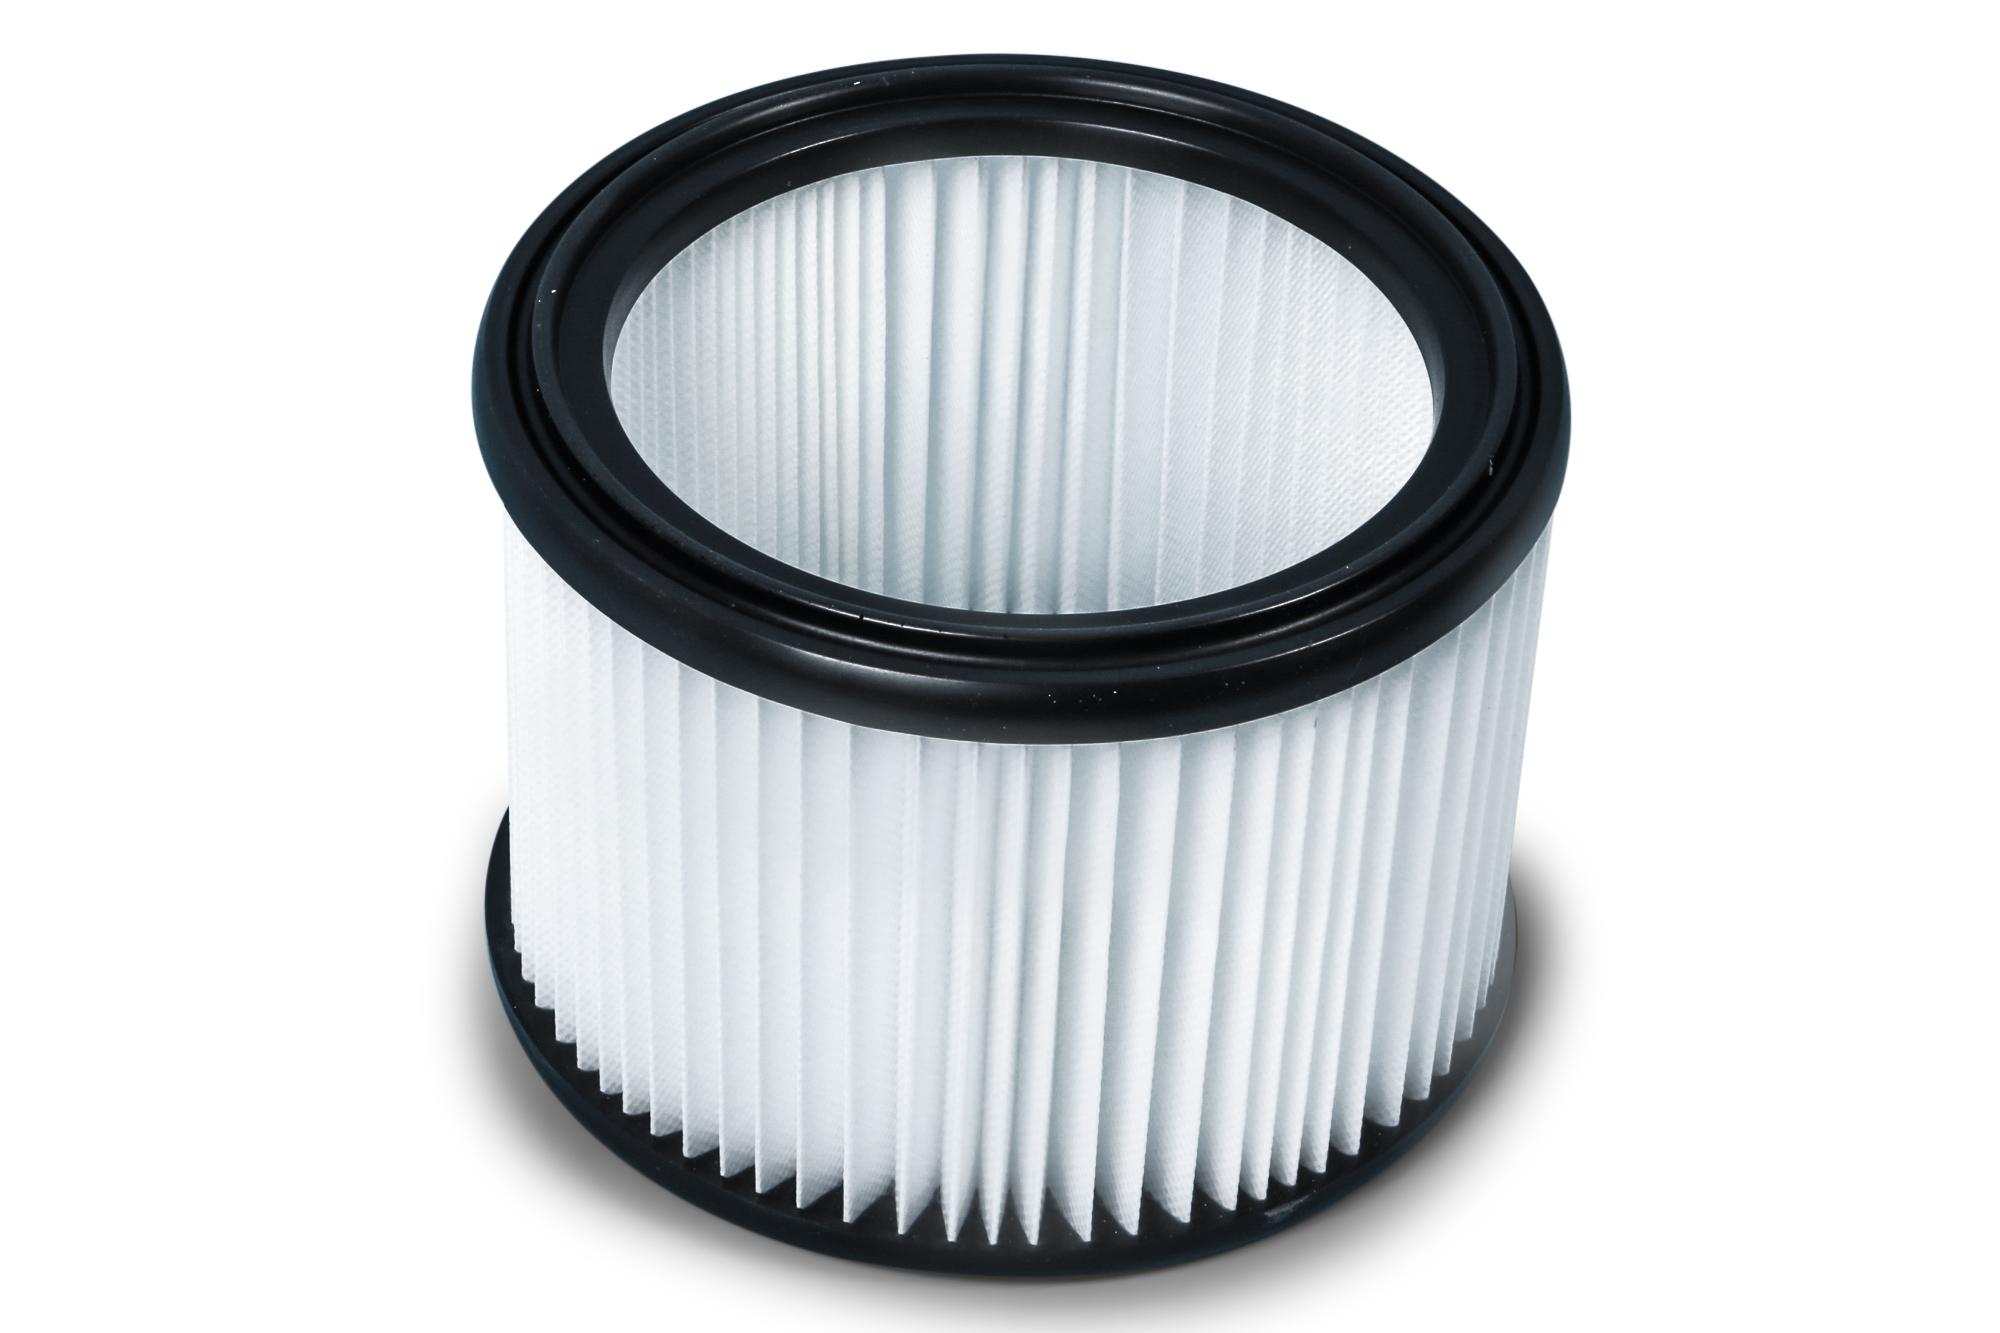 Filter für WAP Attix 30-21 PC und Attix 30-21 XC Rundfilter Faltenfilter